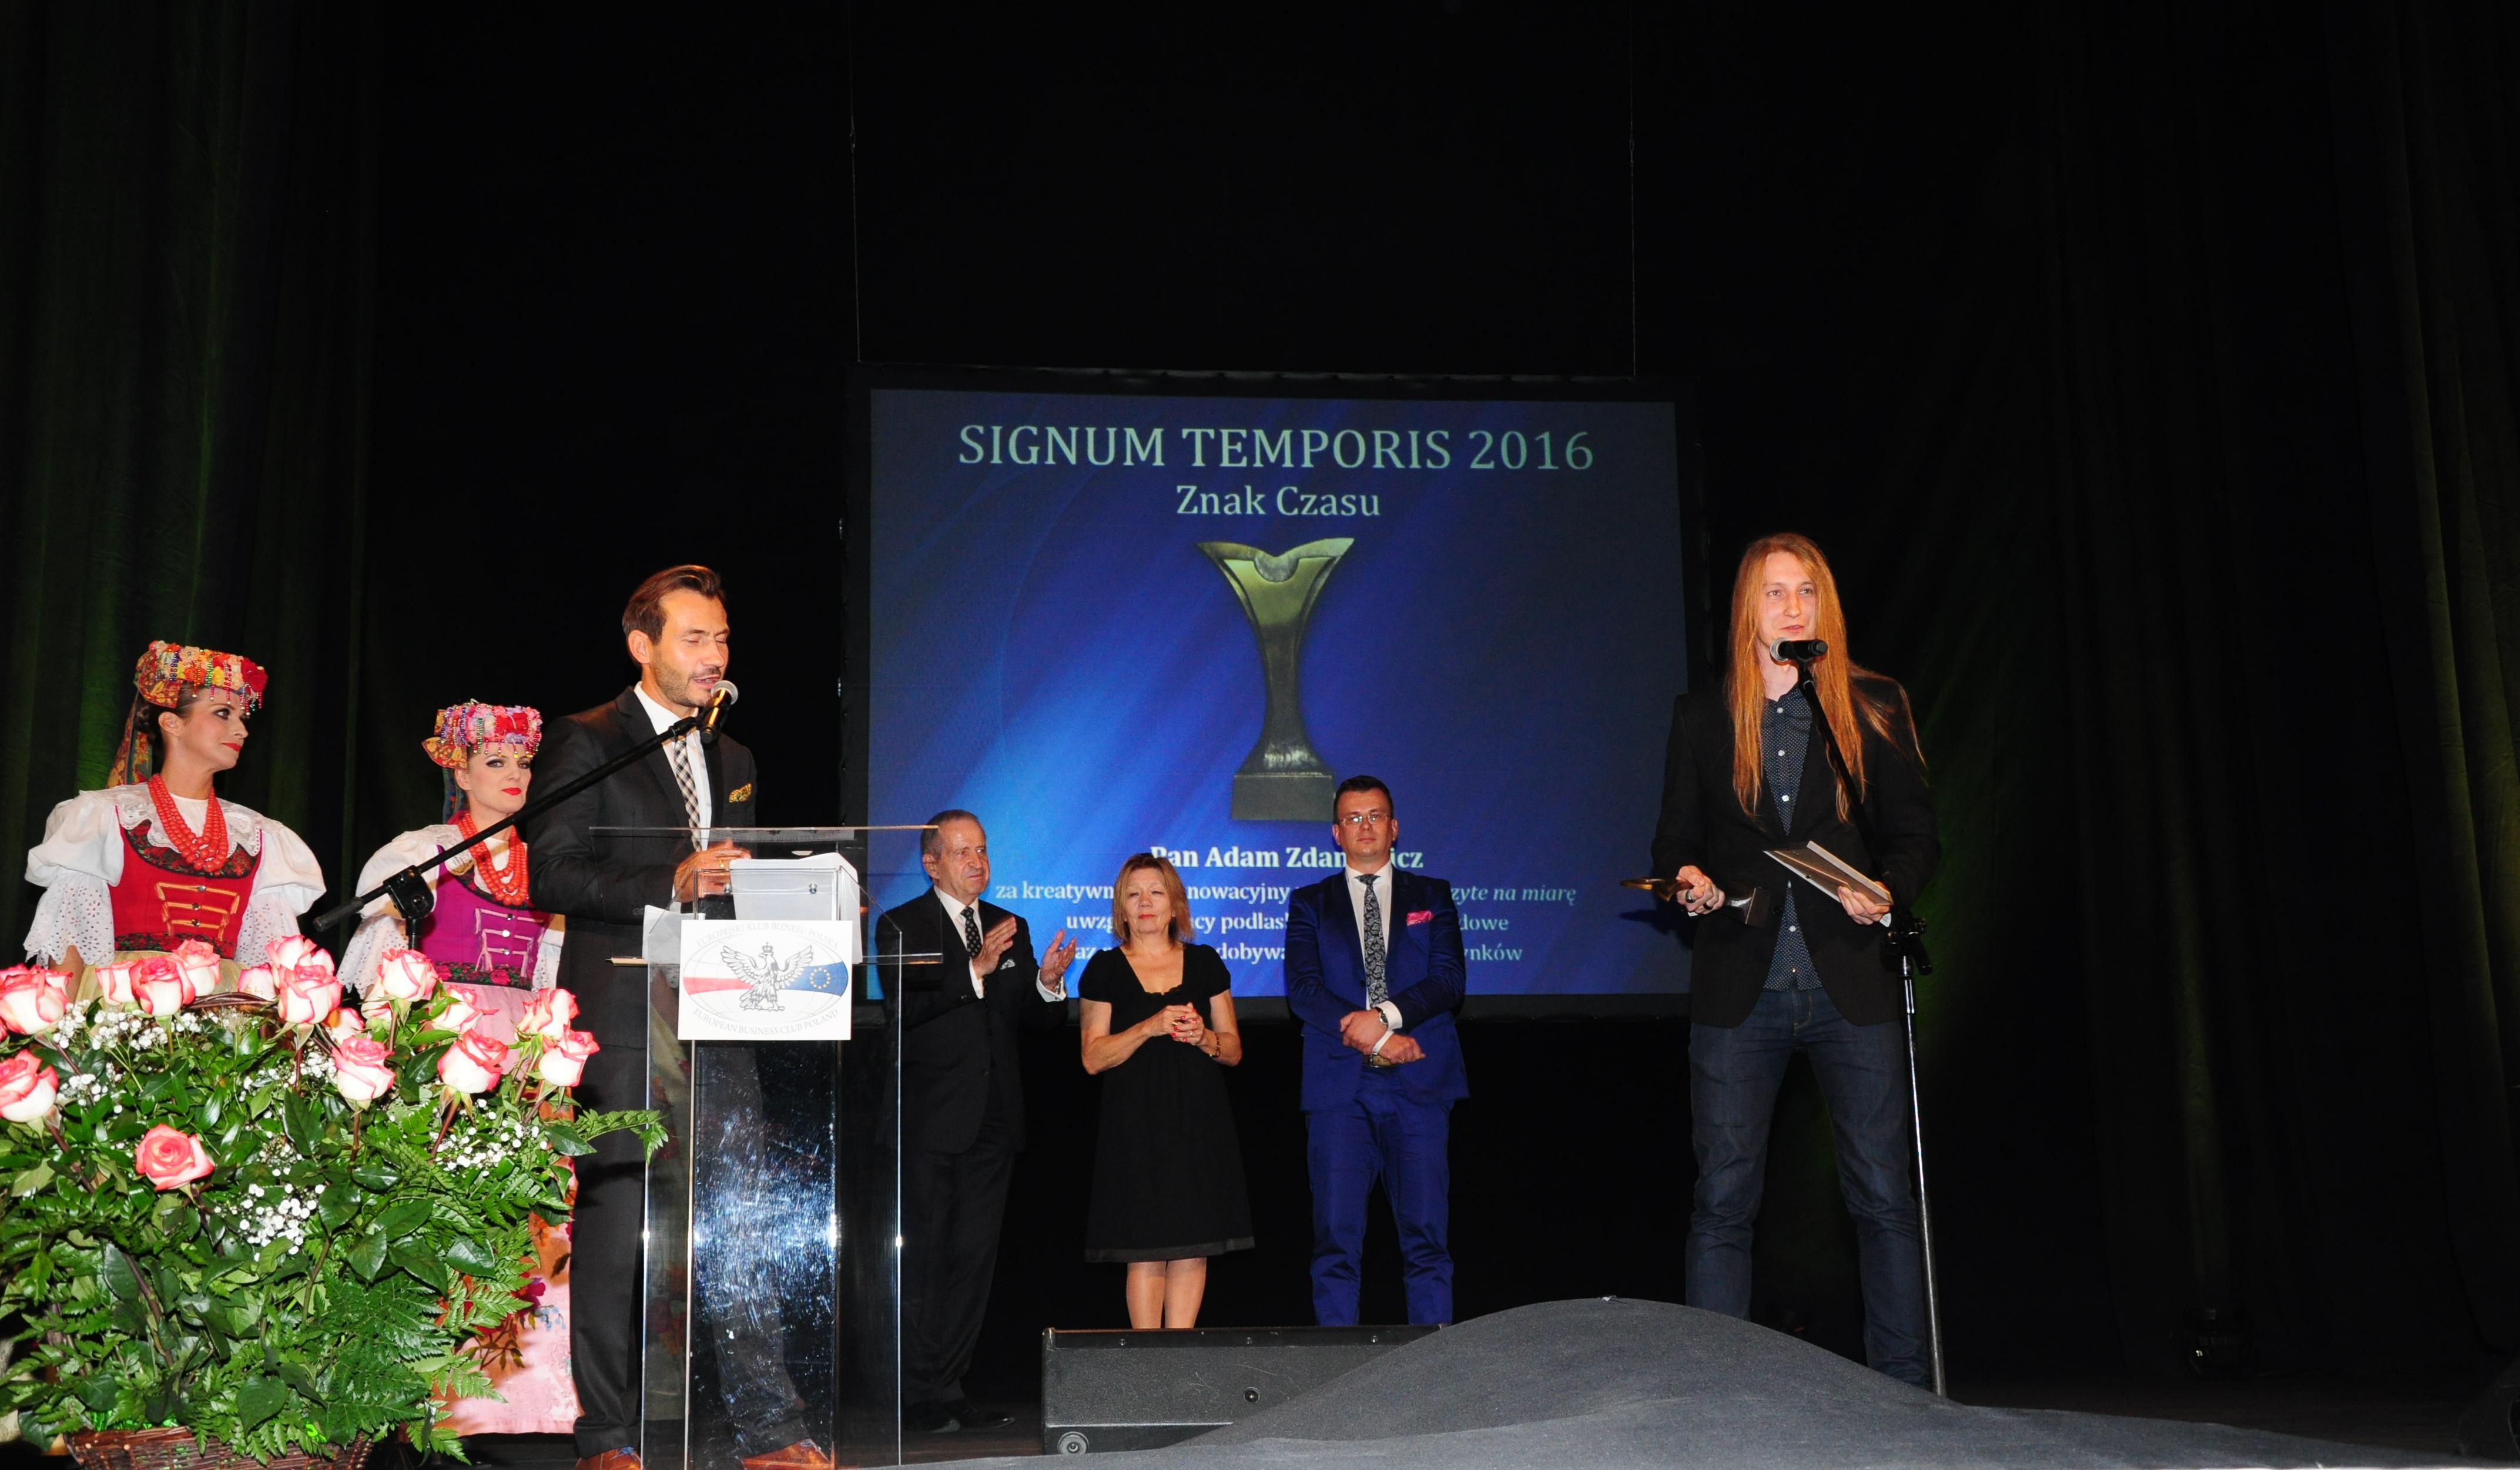 Pan Adam Zdanowicz odbiera nagrodę